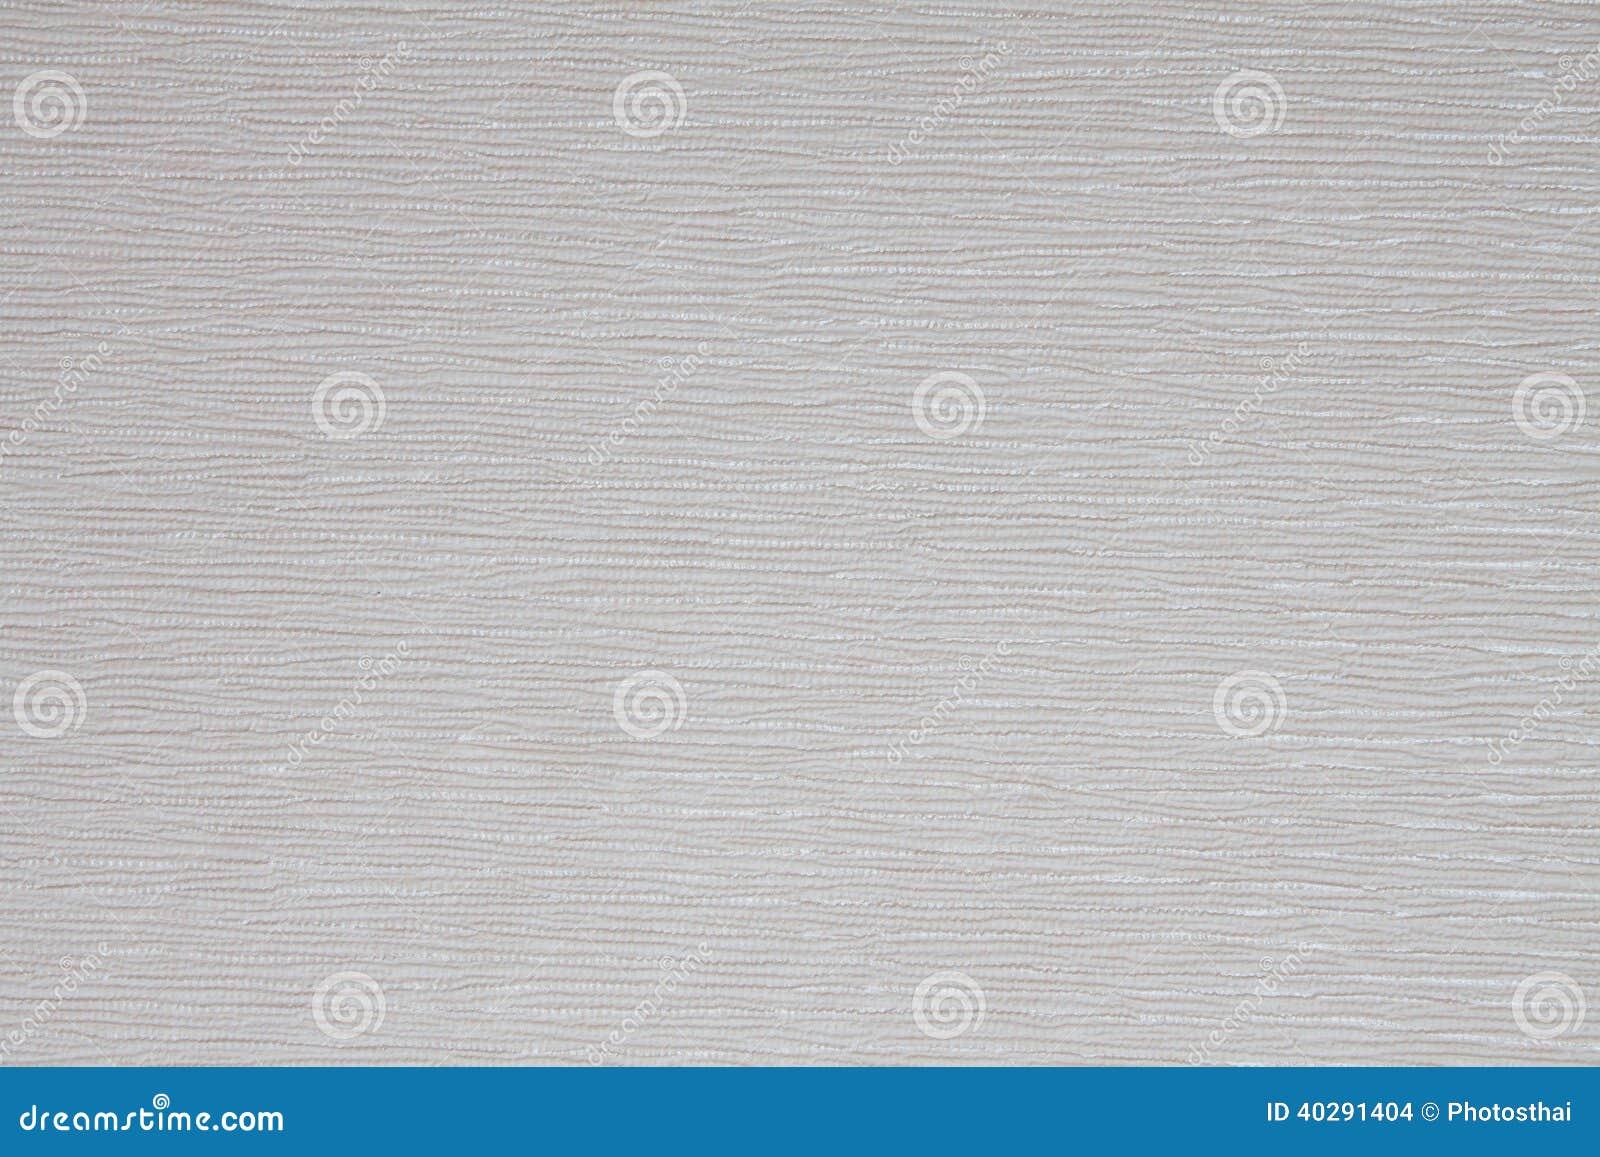 Carta da parati bianca moderna fotografia stock immagine for Carta da parati bianca